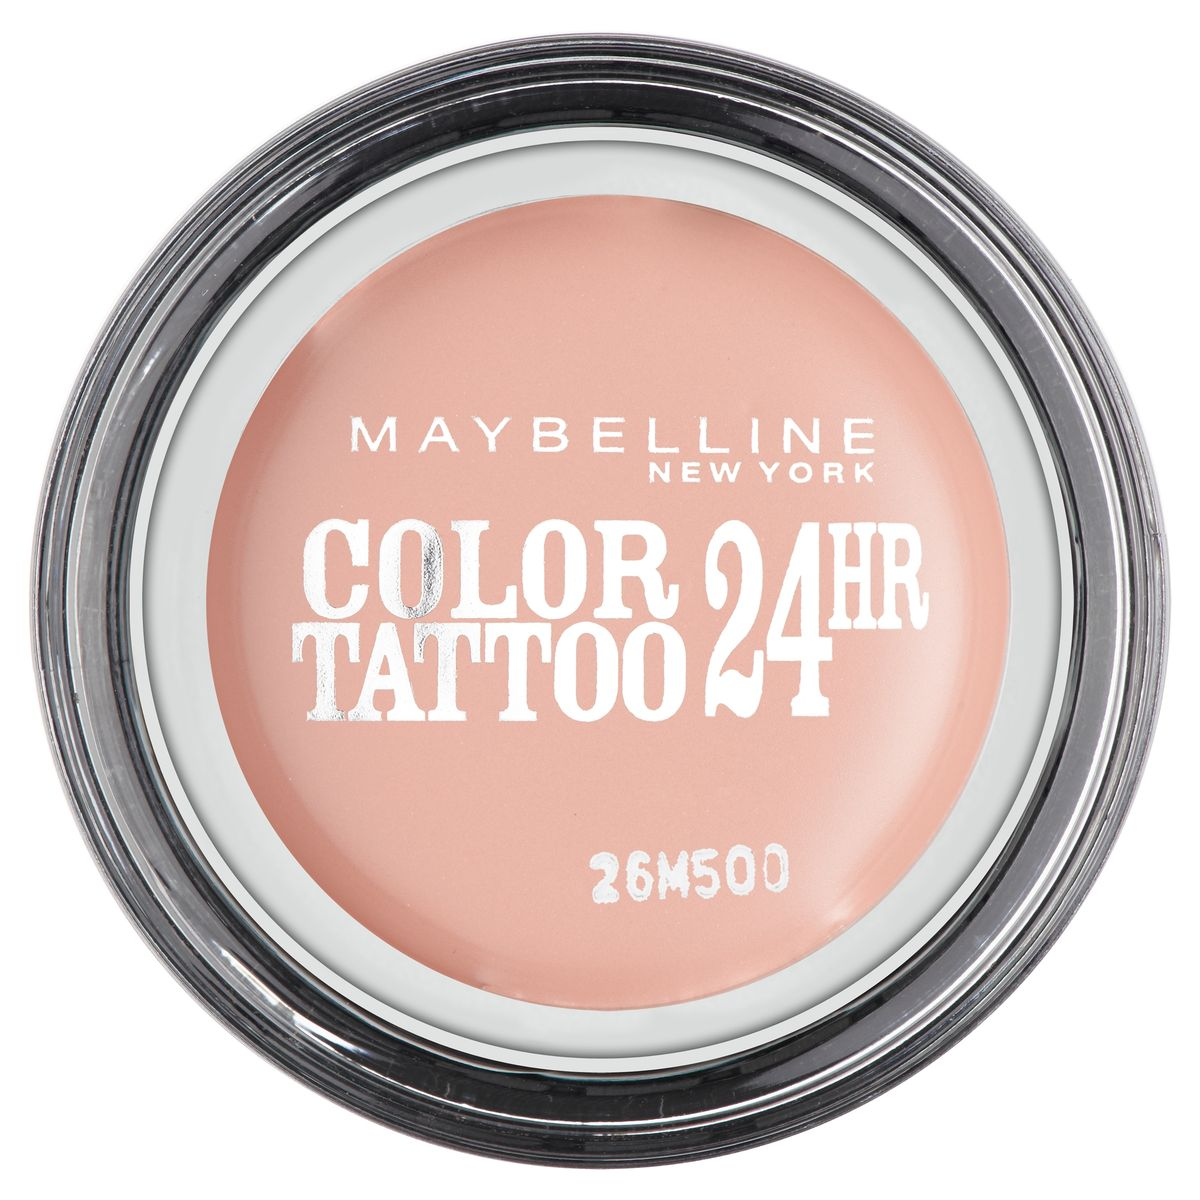 Maybelline New York Тени для век Color Tattoo, оттенок 91, Розовый Зефир, 4 мл5010777142037Технология тату-пигментов создает яркий, супернасыщенный цвет. Крем-гелевая текстура обеспечивает ультралегкое нанесение и стойкость на 24 часа.